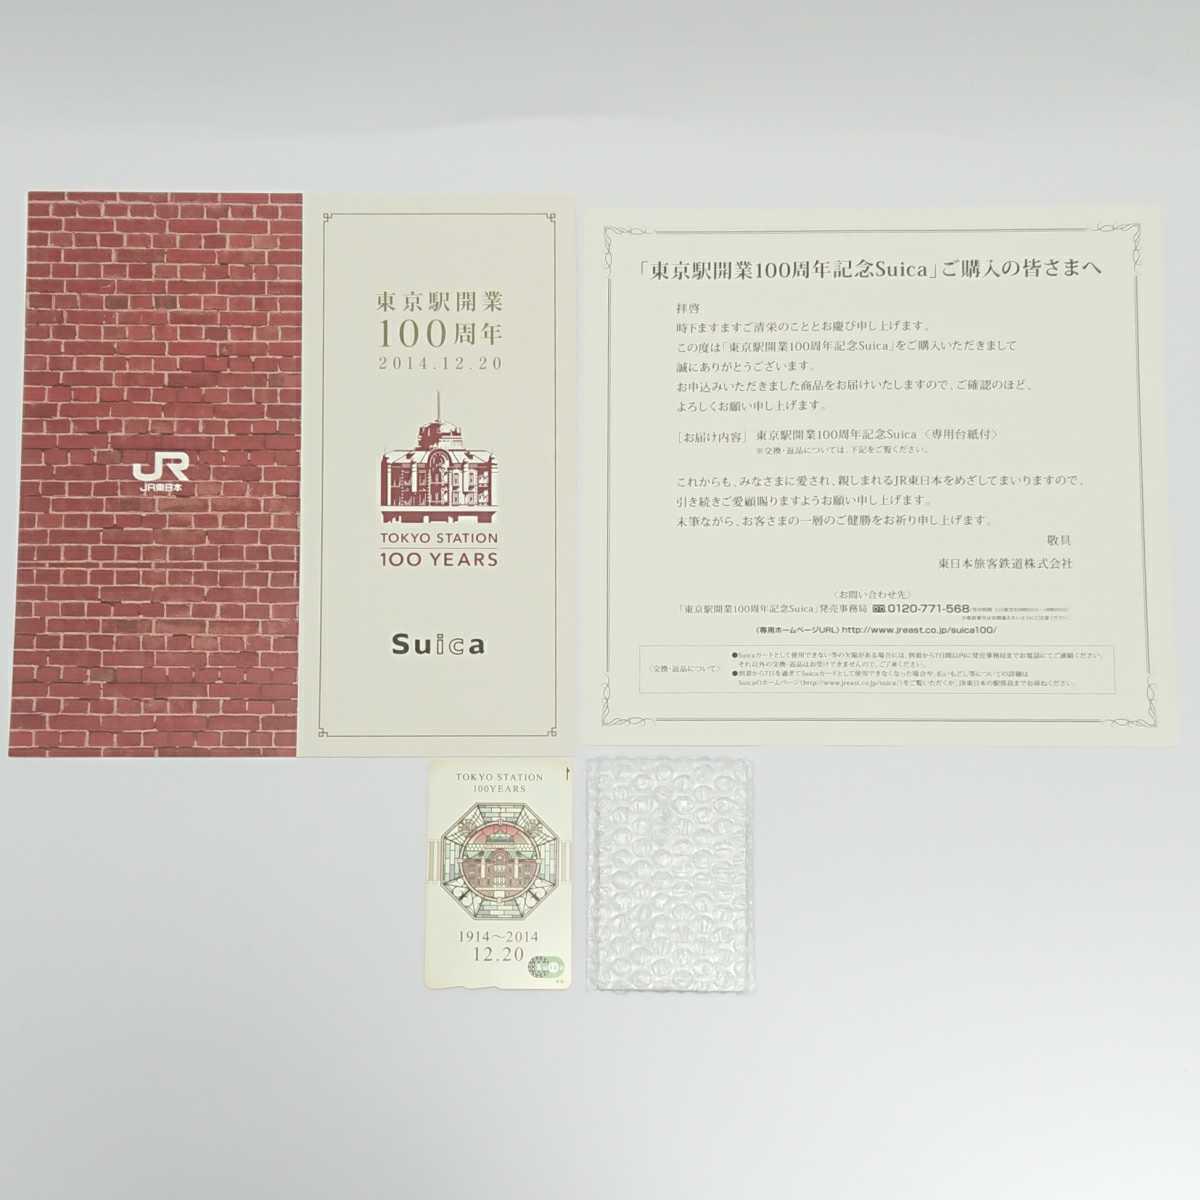 東京駅開業100周年記念Suica デポジットのみ 台紙付き スイカ_画像1